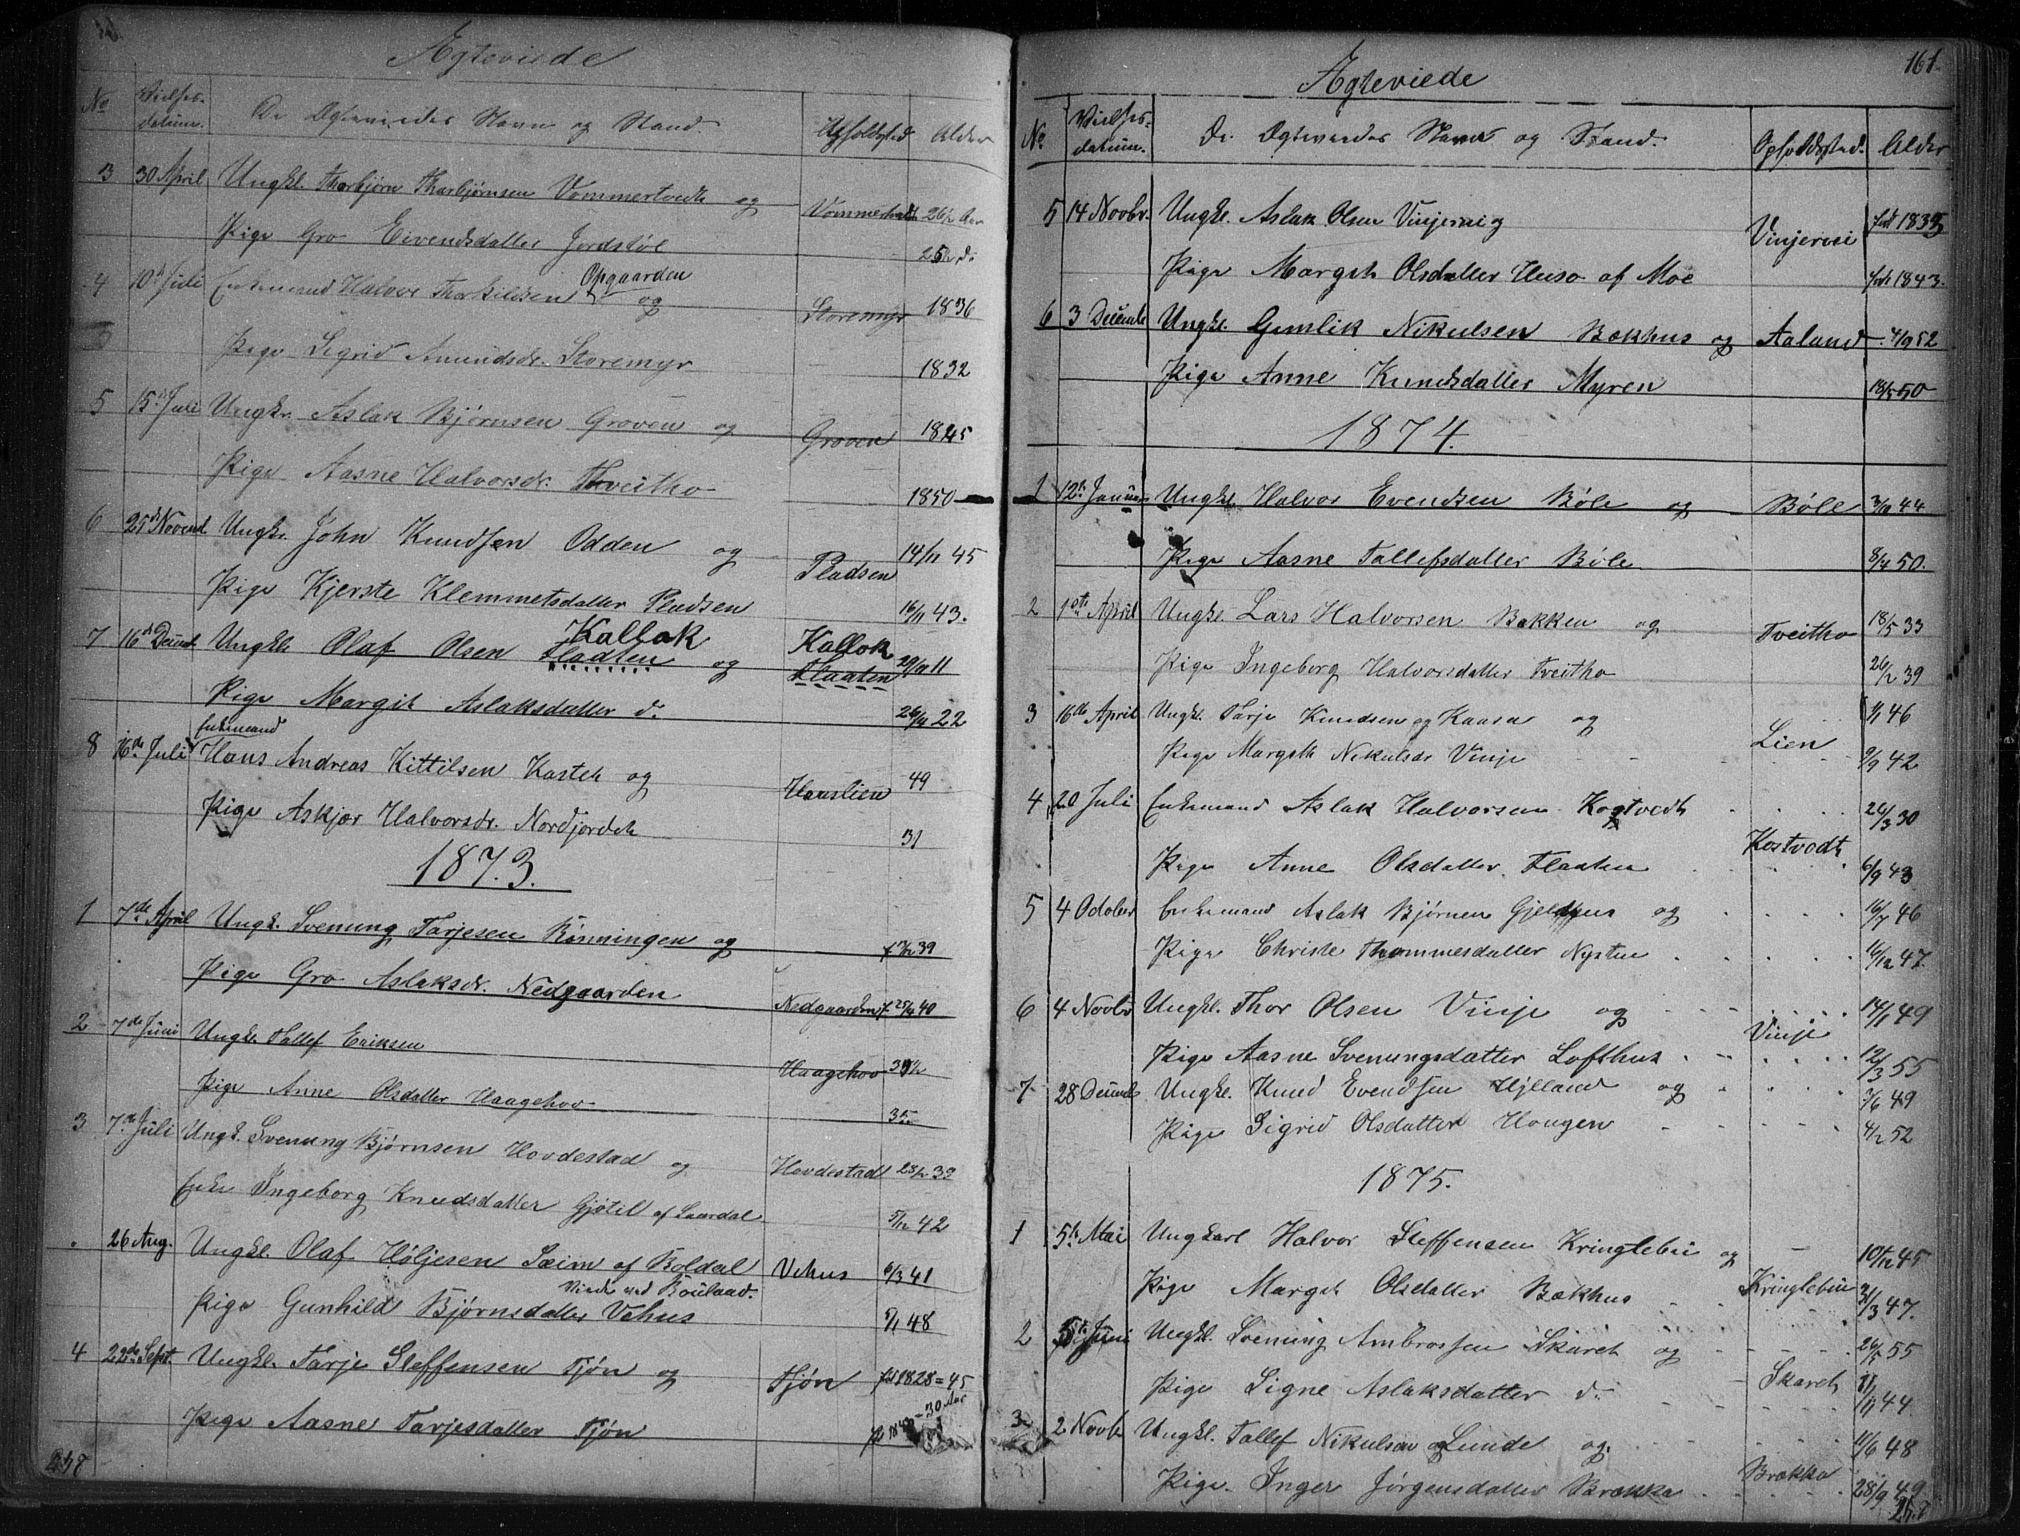 SAKO, Vinje kirkebøker, G/Ga/L0002: Klokkerbok nr. I 2, 1849-1893, s. 161